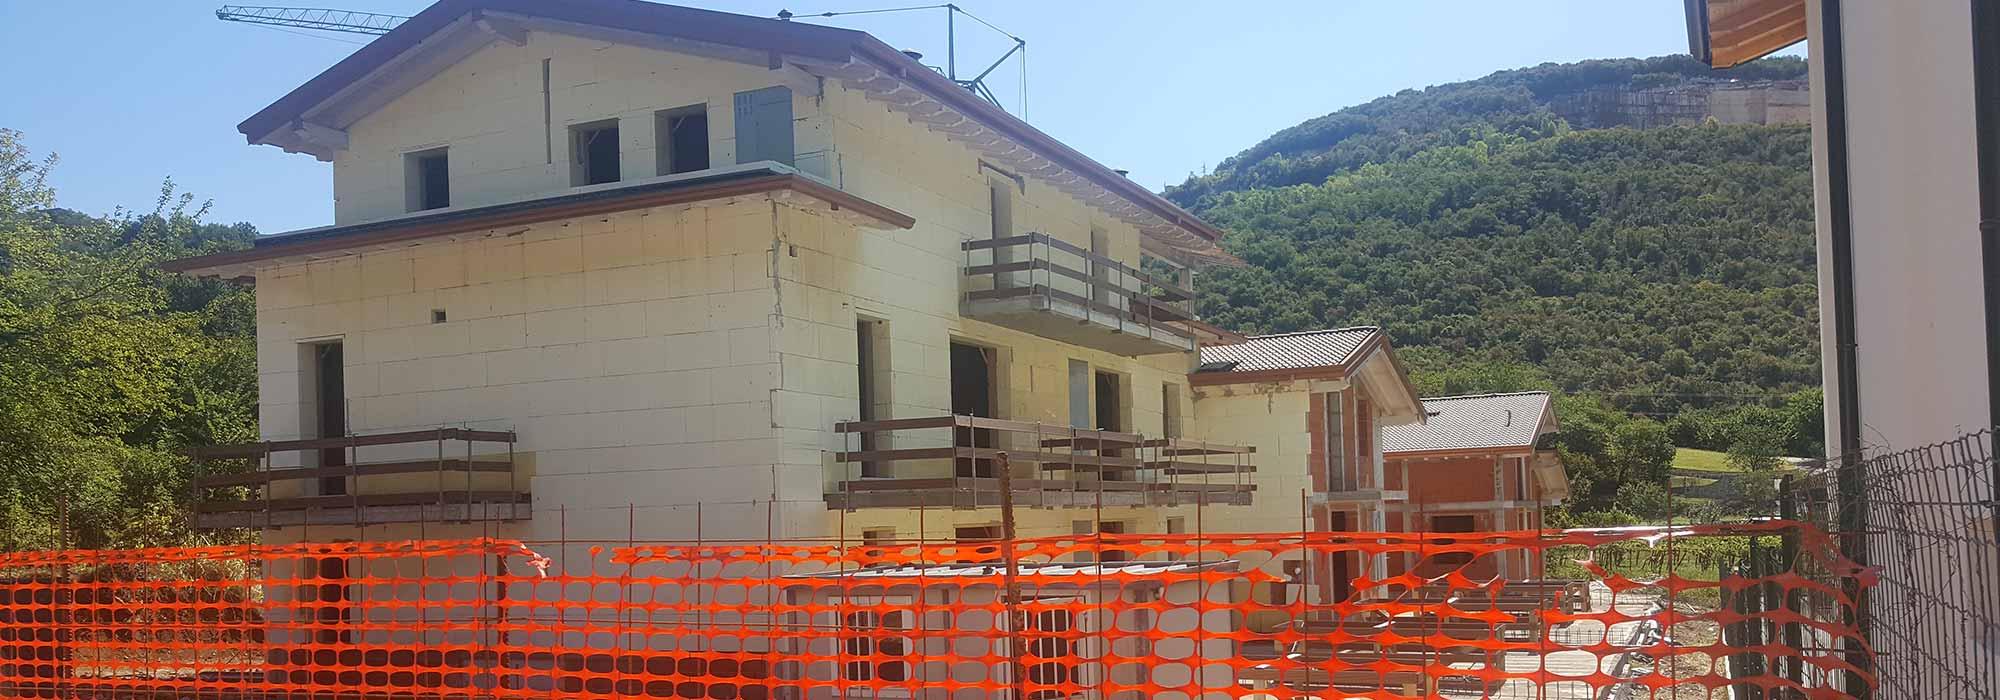 I Gelsi, Botticino